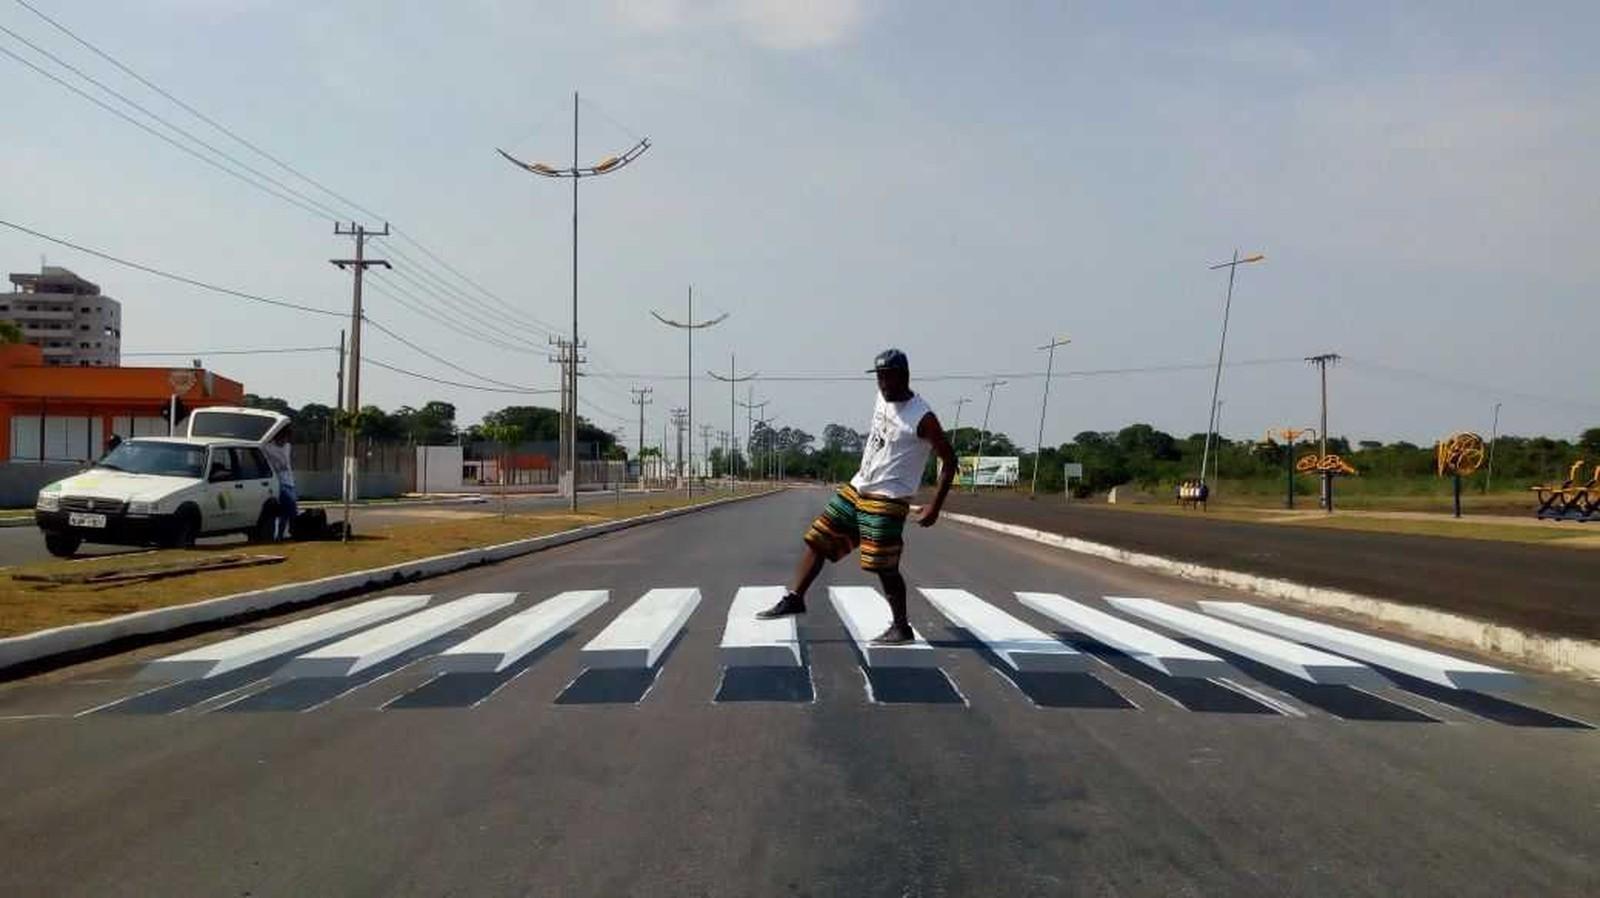 CURIOSO: Grafiteiros pintam faixas de pedestres em 3D para 'forçar' parada de motoristas em cidade de MT